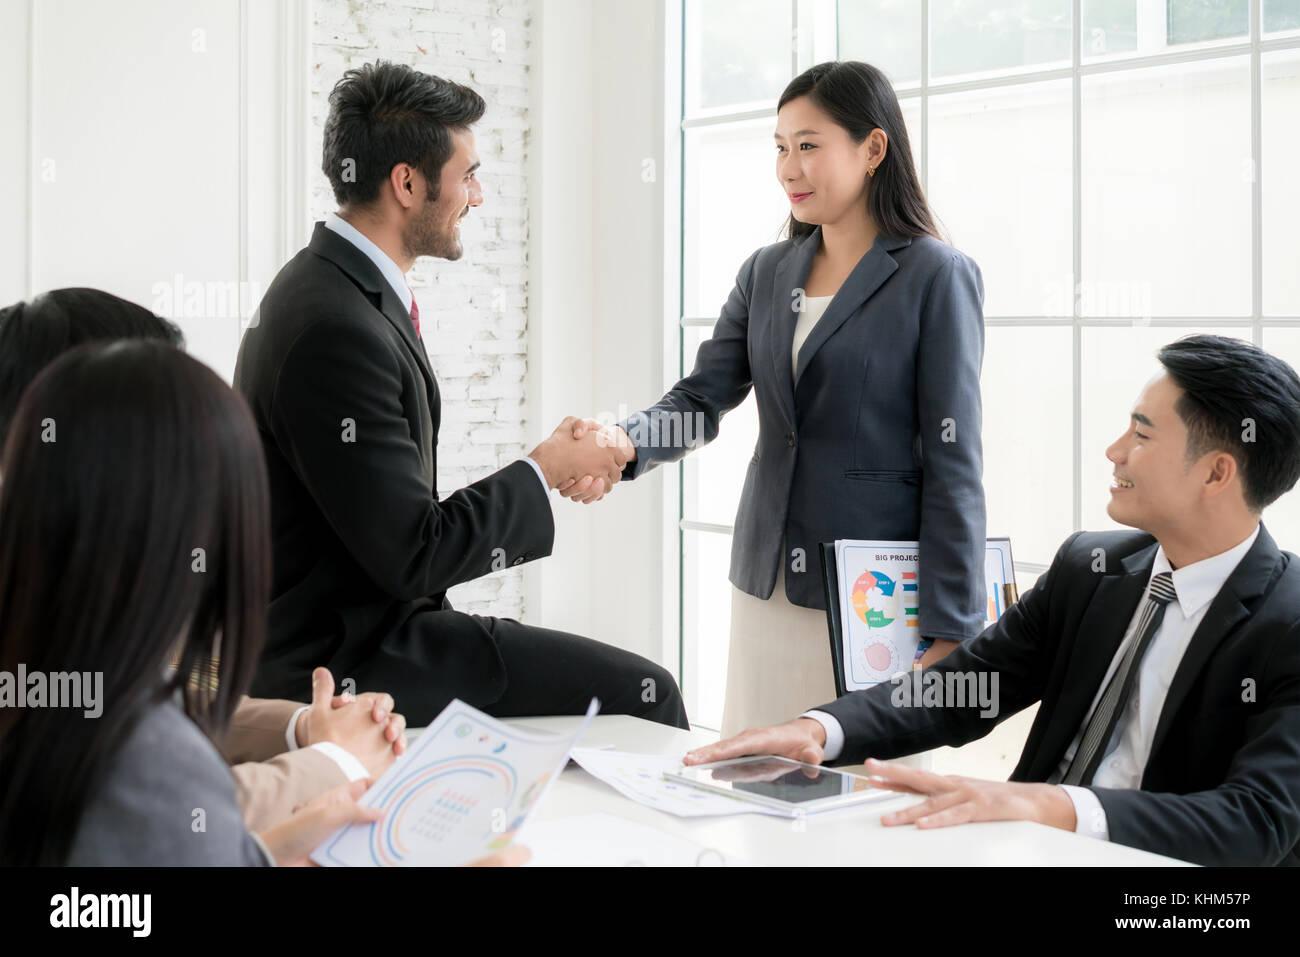 Successo del lavoro asian imprenditore e imprenditrice stringono le mani in sala consiglio al termine di una riunione. Immagini Stock